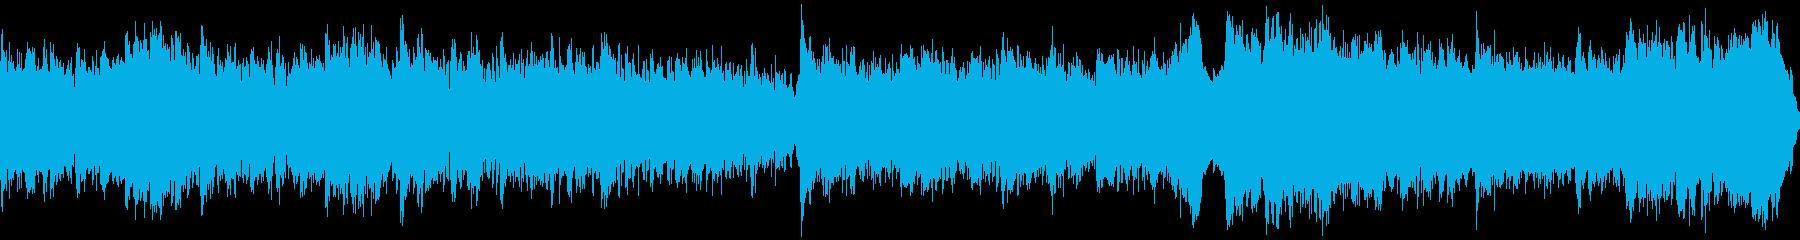 壮大なシネマティック曲(ループ)の再生済みの波形